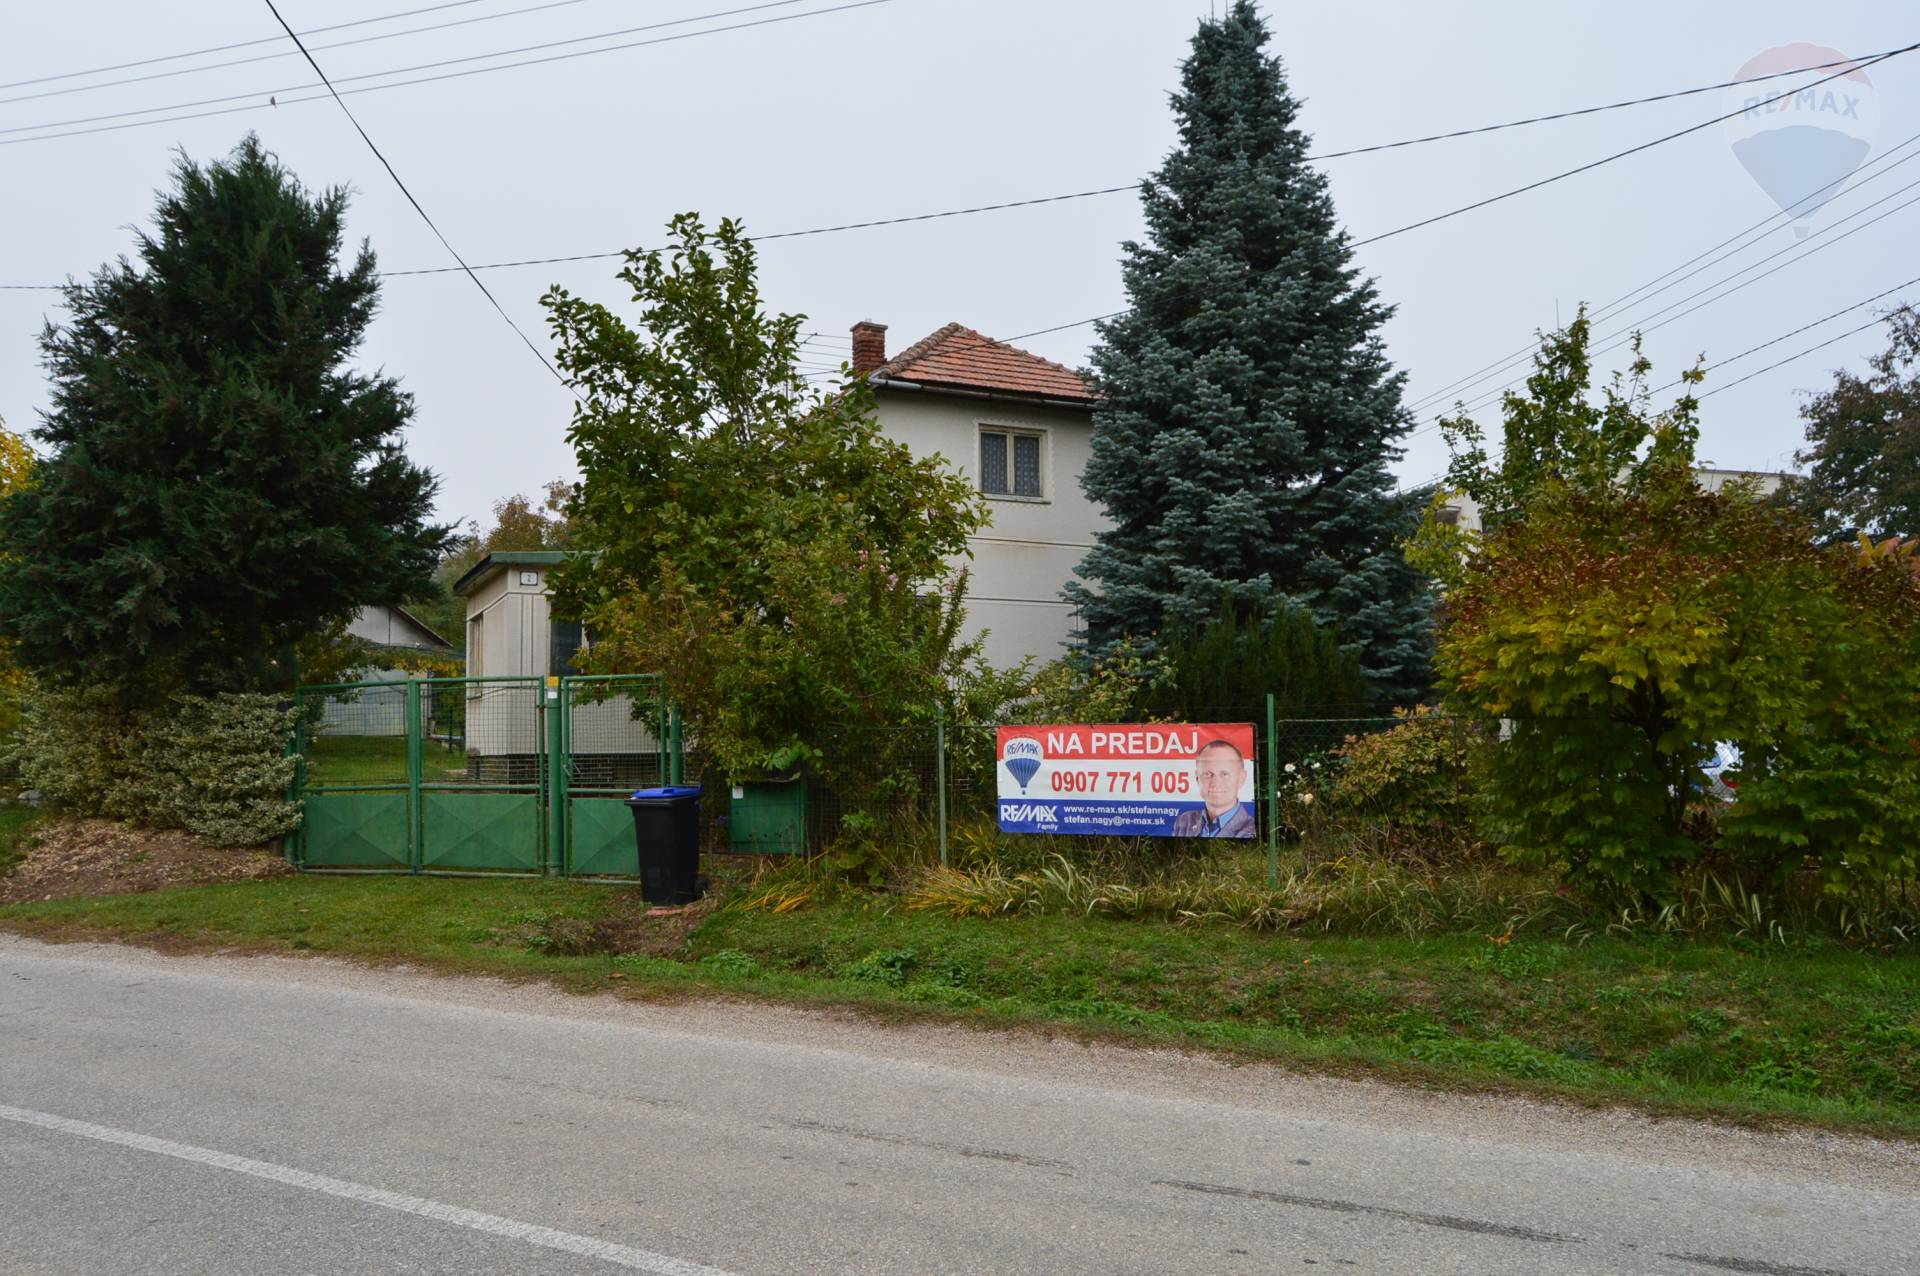 Predaj rodinný dom Ladice EXKLUZÍVNE